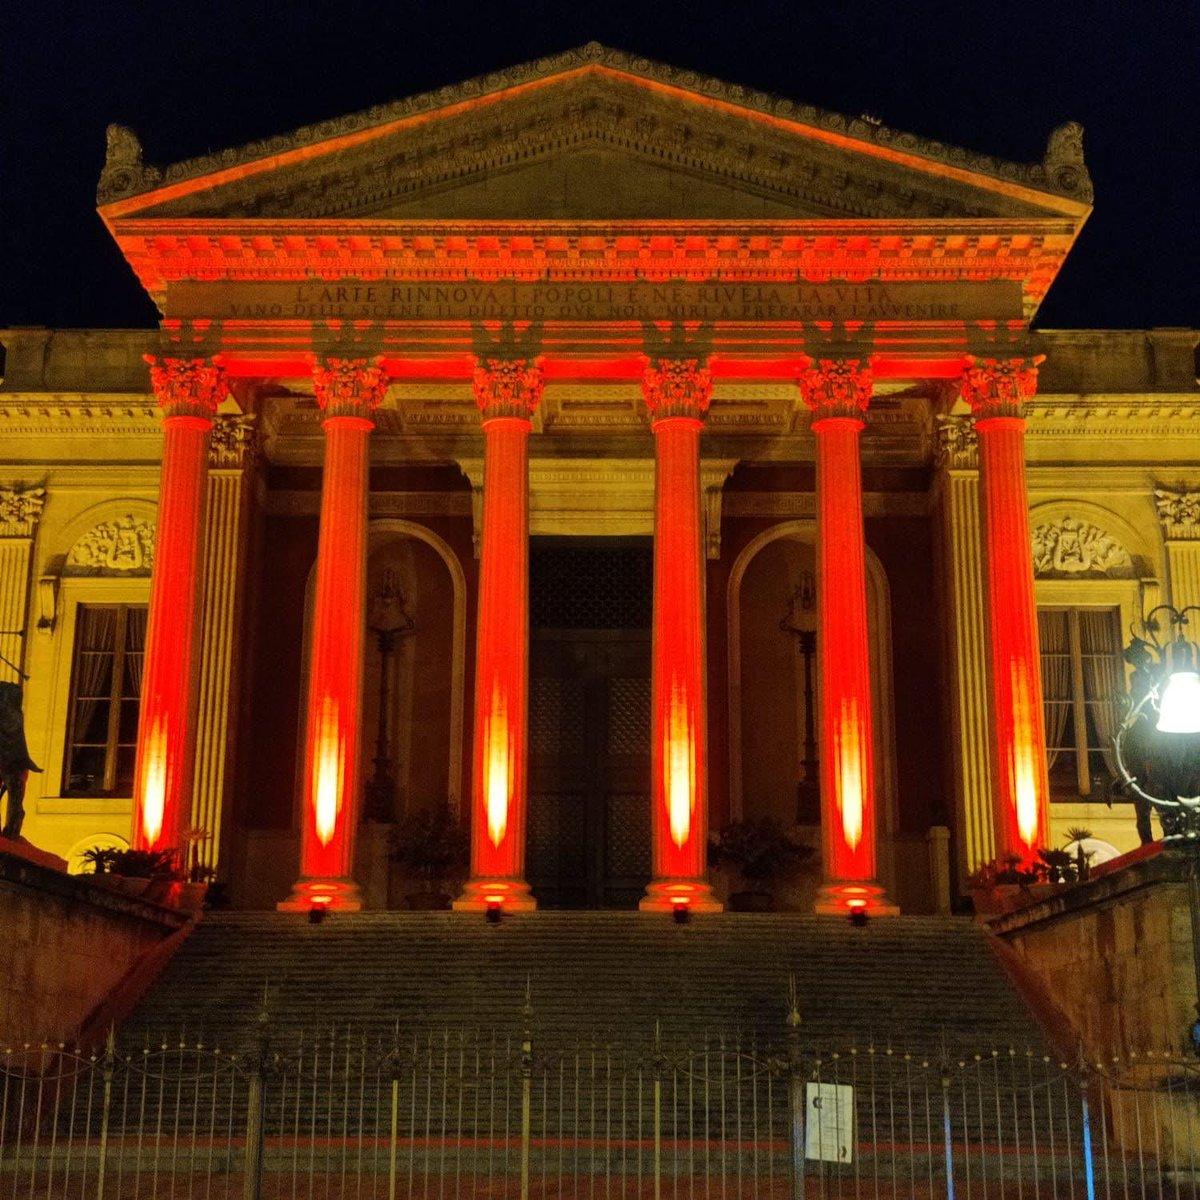 Per la giornata mondiale di #CroceRossa e #MezzalunaRossa le colonne del Teatro Massimo si tingono di rosso. Grazie @teatromassimo! Gesto graditissimo. @crocerossasicilia @crocerossaitaliana #CRIPalermo #CRISicilia #CroceRossaItaliana #teatromassimo #inarrestabili #unstoppable https://t.co/qSnQpQ9Rpy